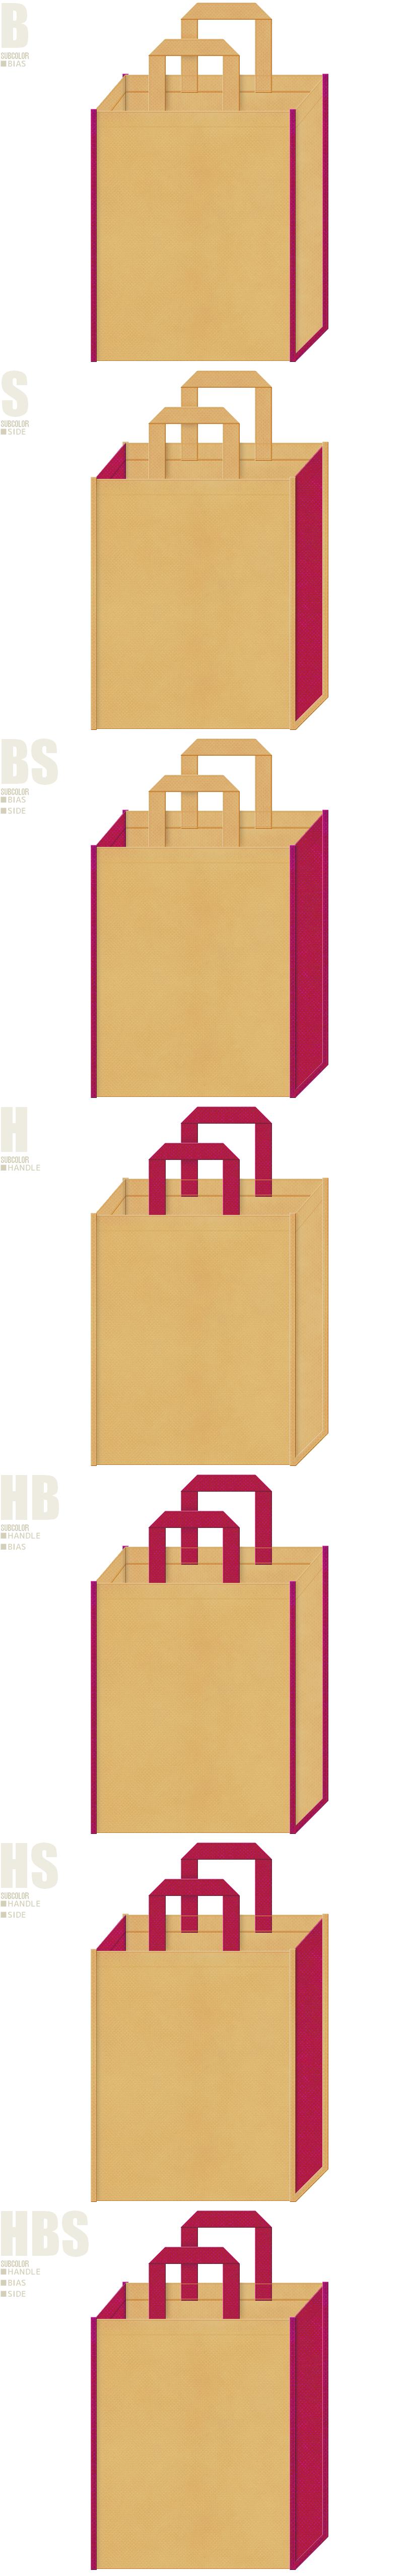 南国・トロピカル・カクテル・リゾート・トラベルバッグ・ゲーム・絵本・おとぎ話・お菓子の家・プリンセス・テーマパークにお奨めの不織布バッグデザイン:薄黄土色と濃いピンク色の配色7パターン